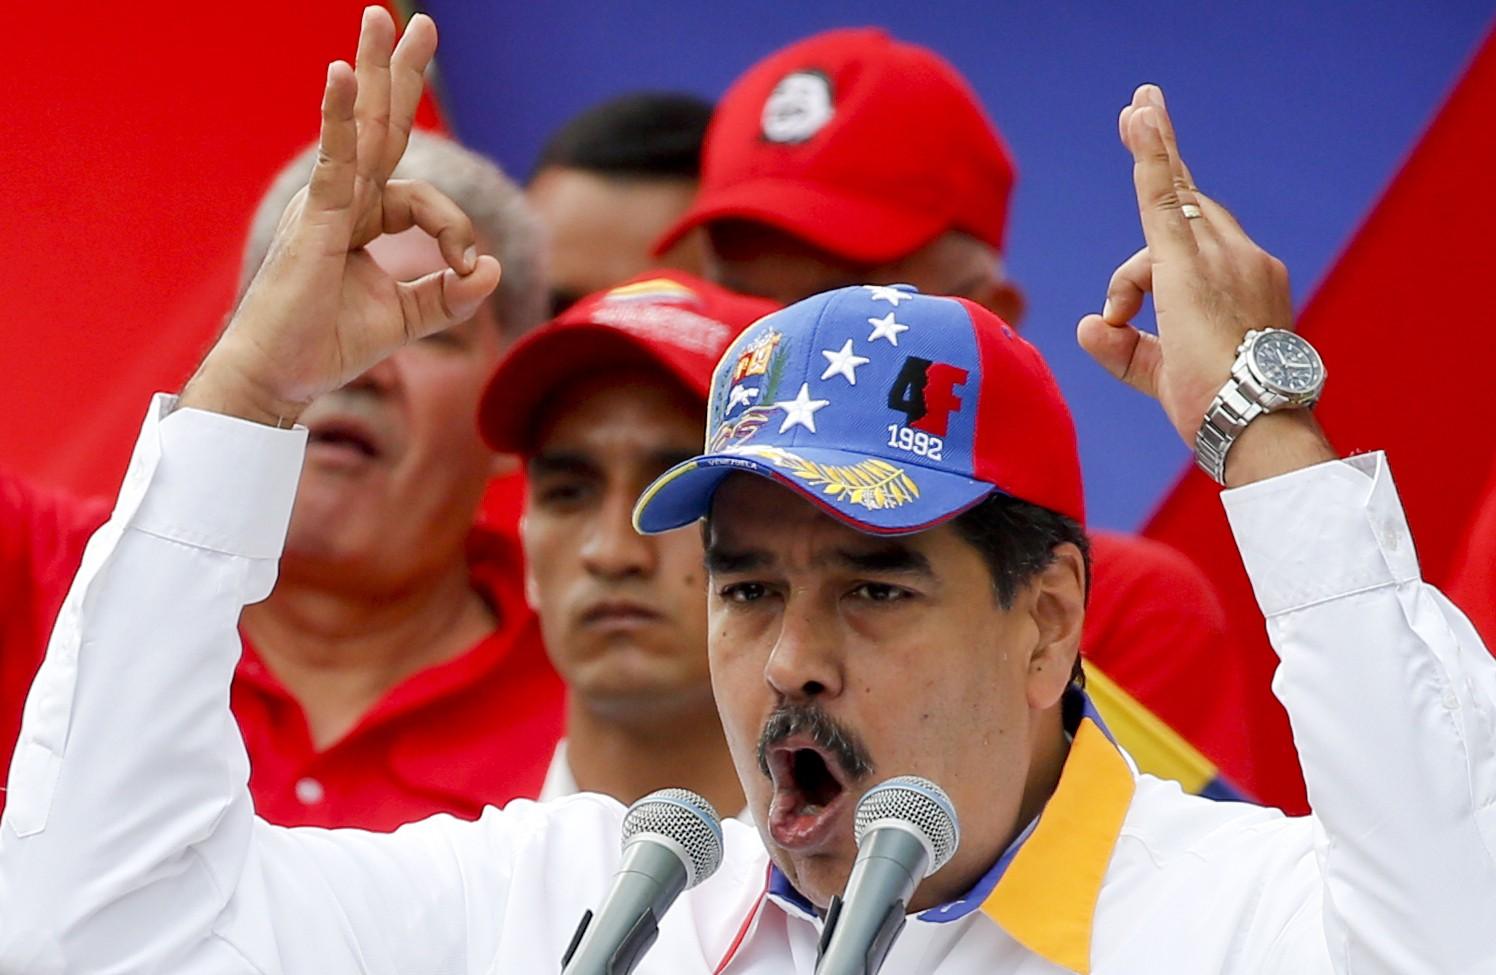 Inadimplente com o Brasil, Venezuela paga parcela de dívida com a Rússia